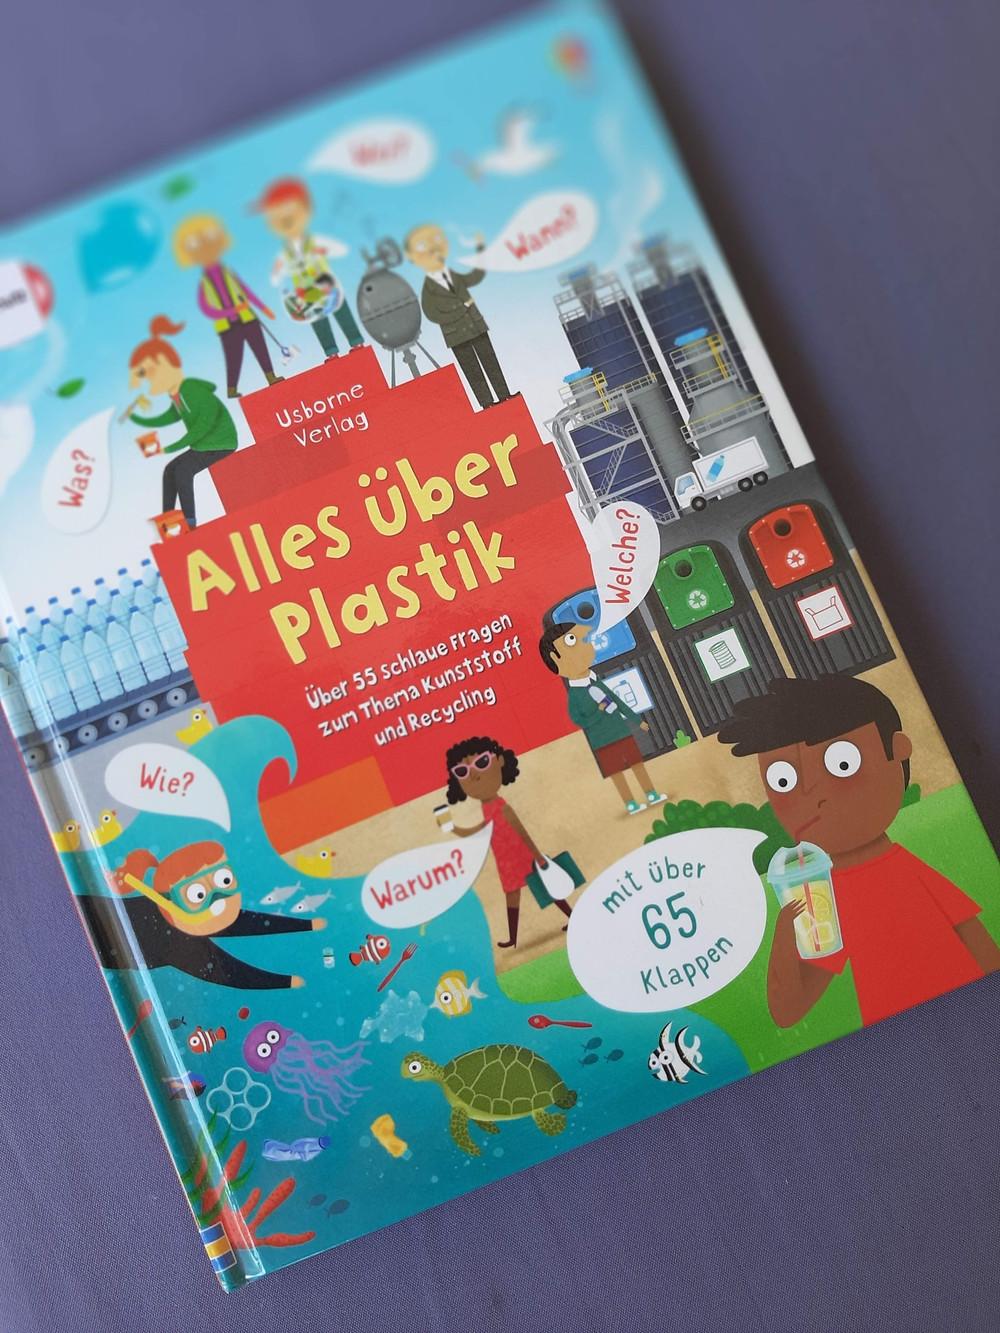 Buchcover: Alles über Plastik:  Über 55 schlaue Fragen über Kunststoff und Recycling